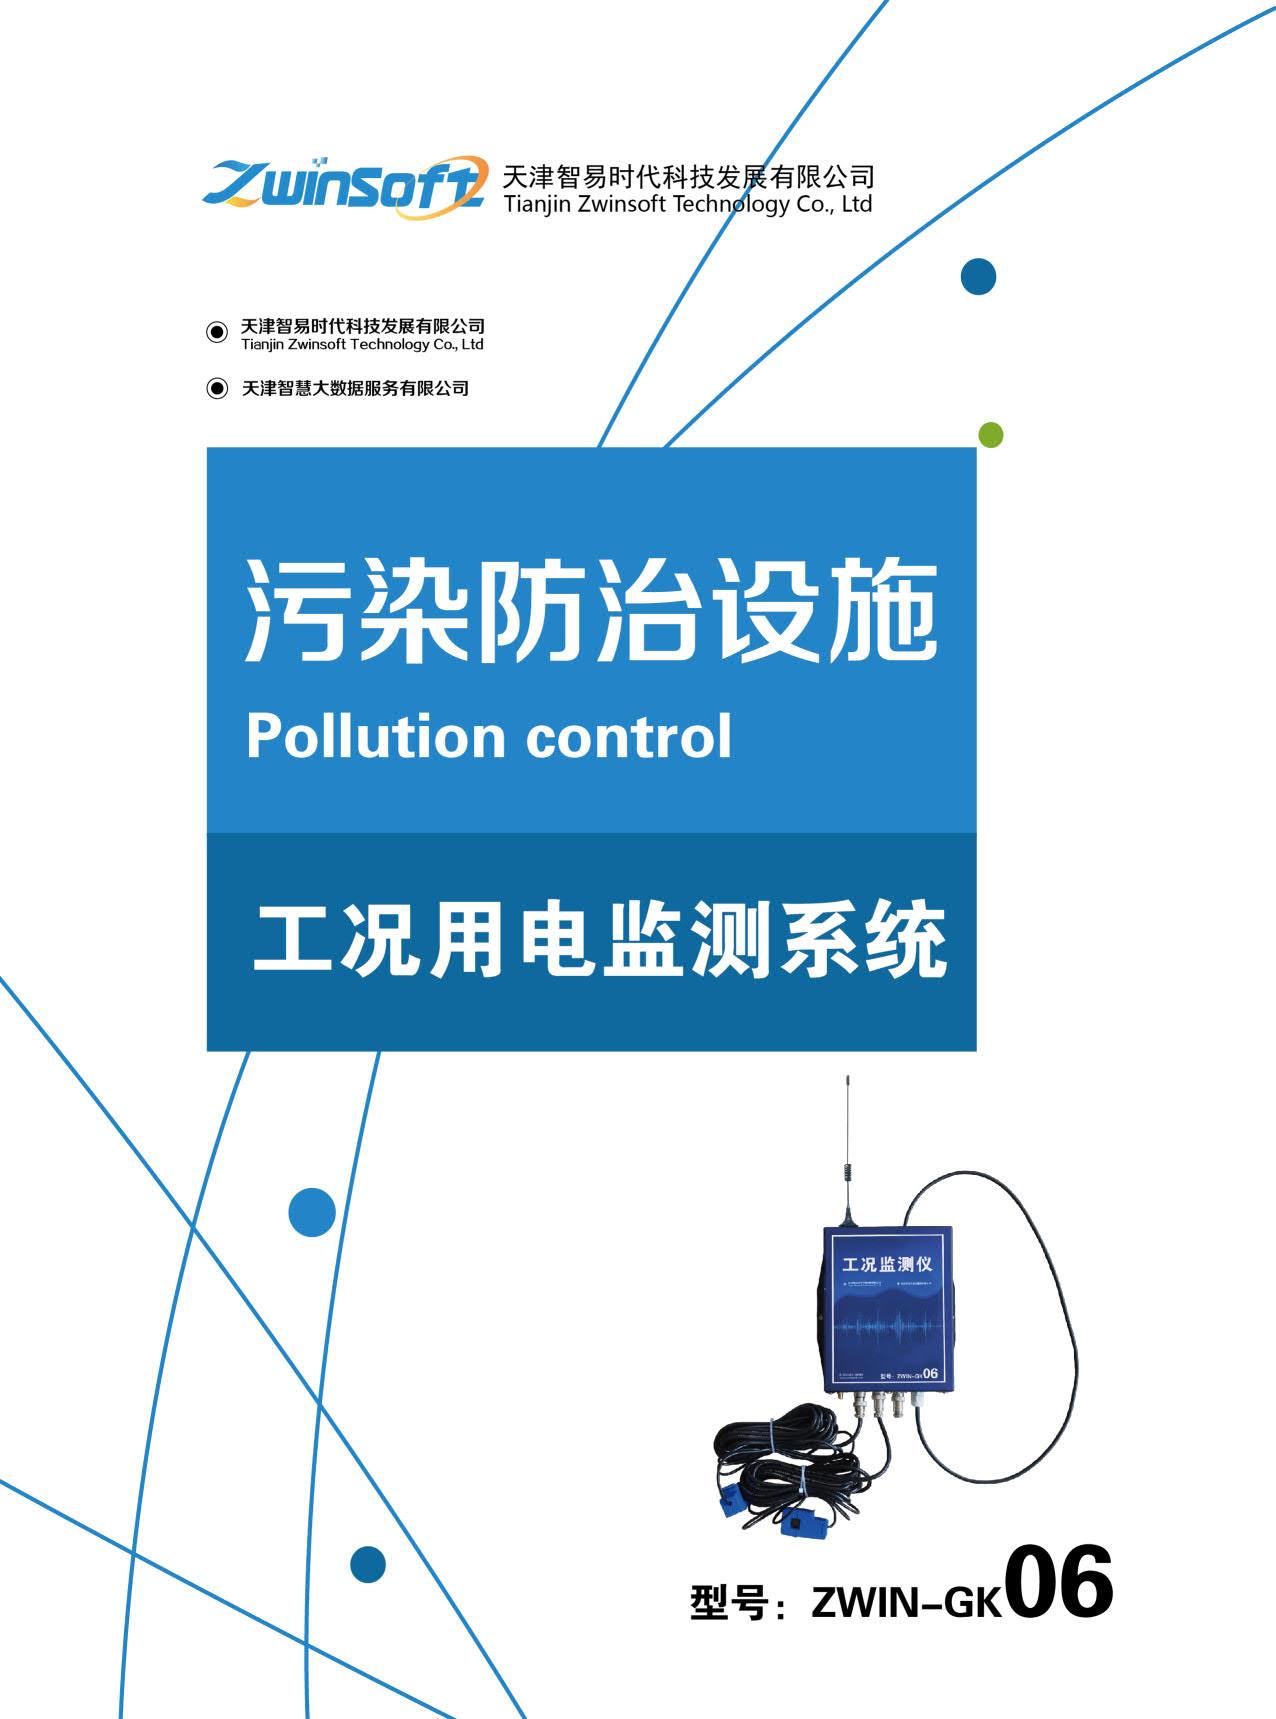 污染防治设施-ZWIN-GK06工况用电监测�pȝ��